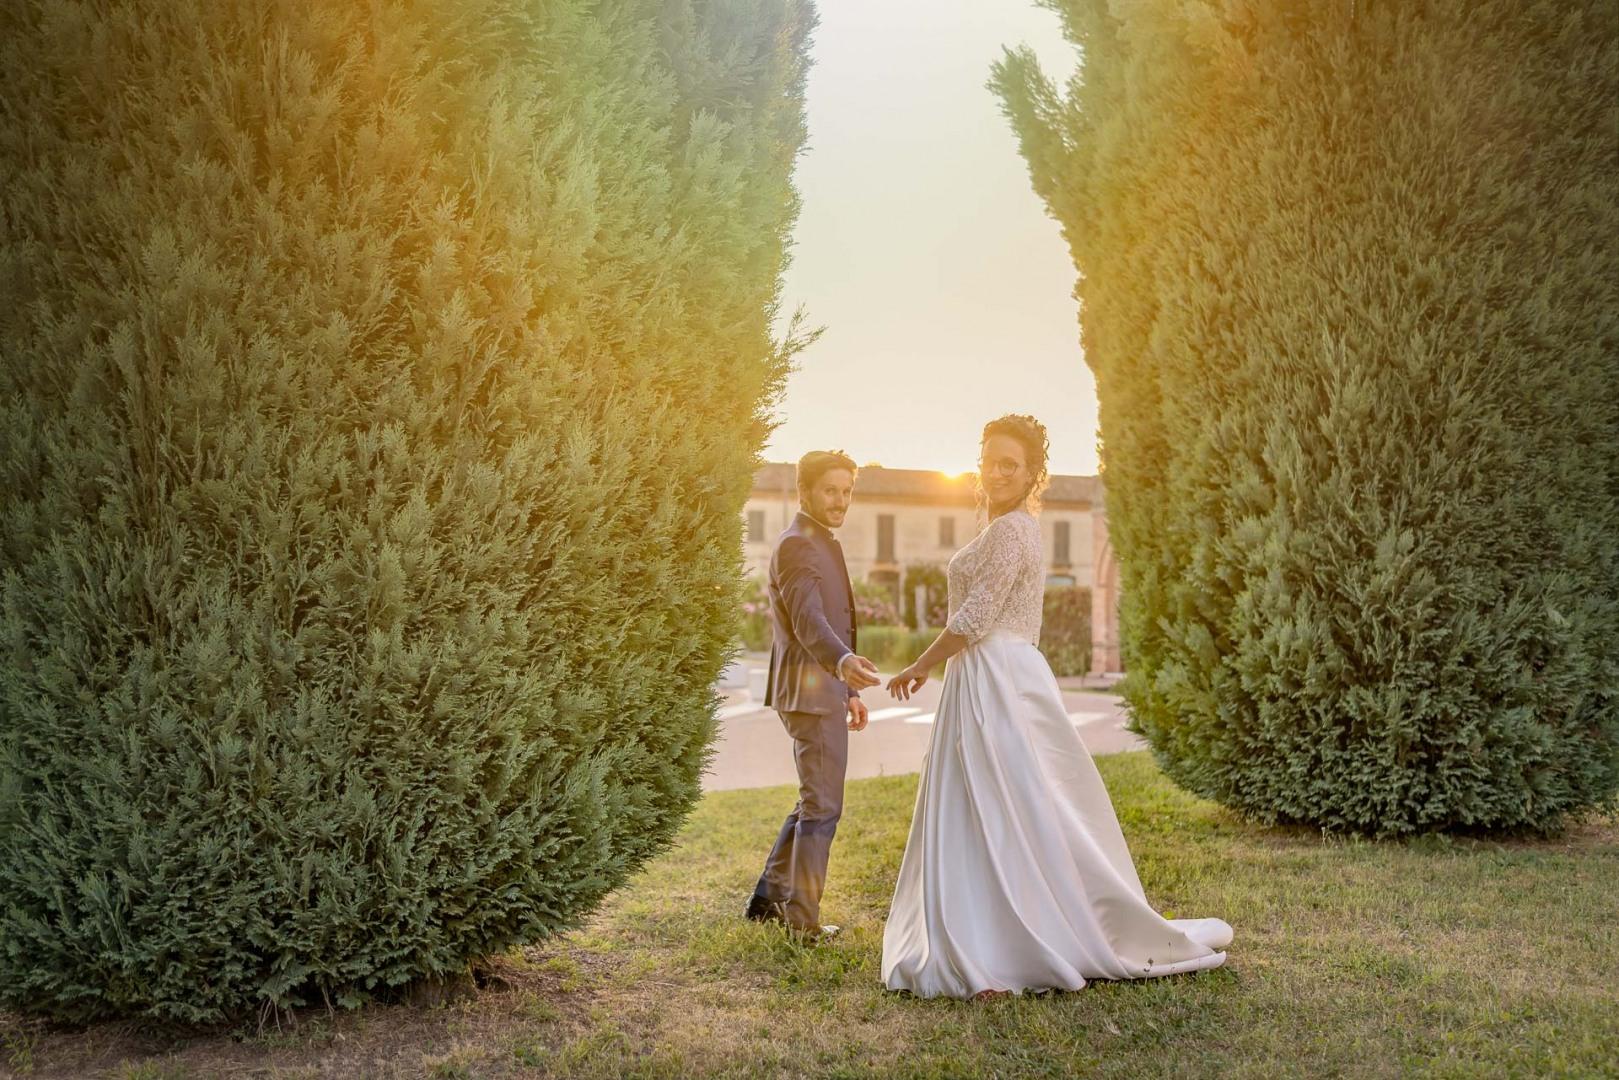 nicola-da-lio-wedding-photographer-venezia-treviso-padova-veneto-italia-141